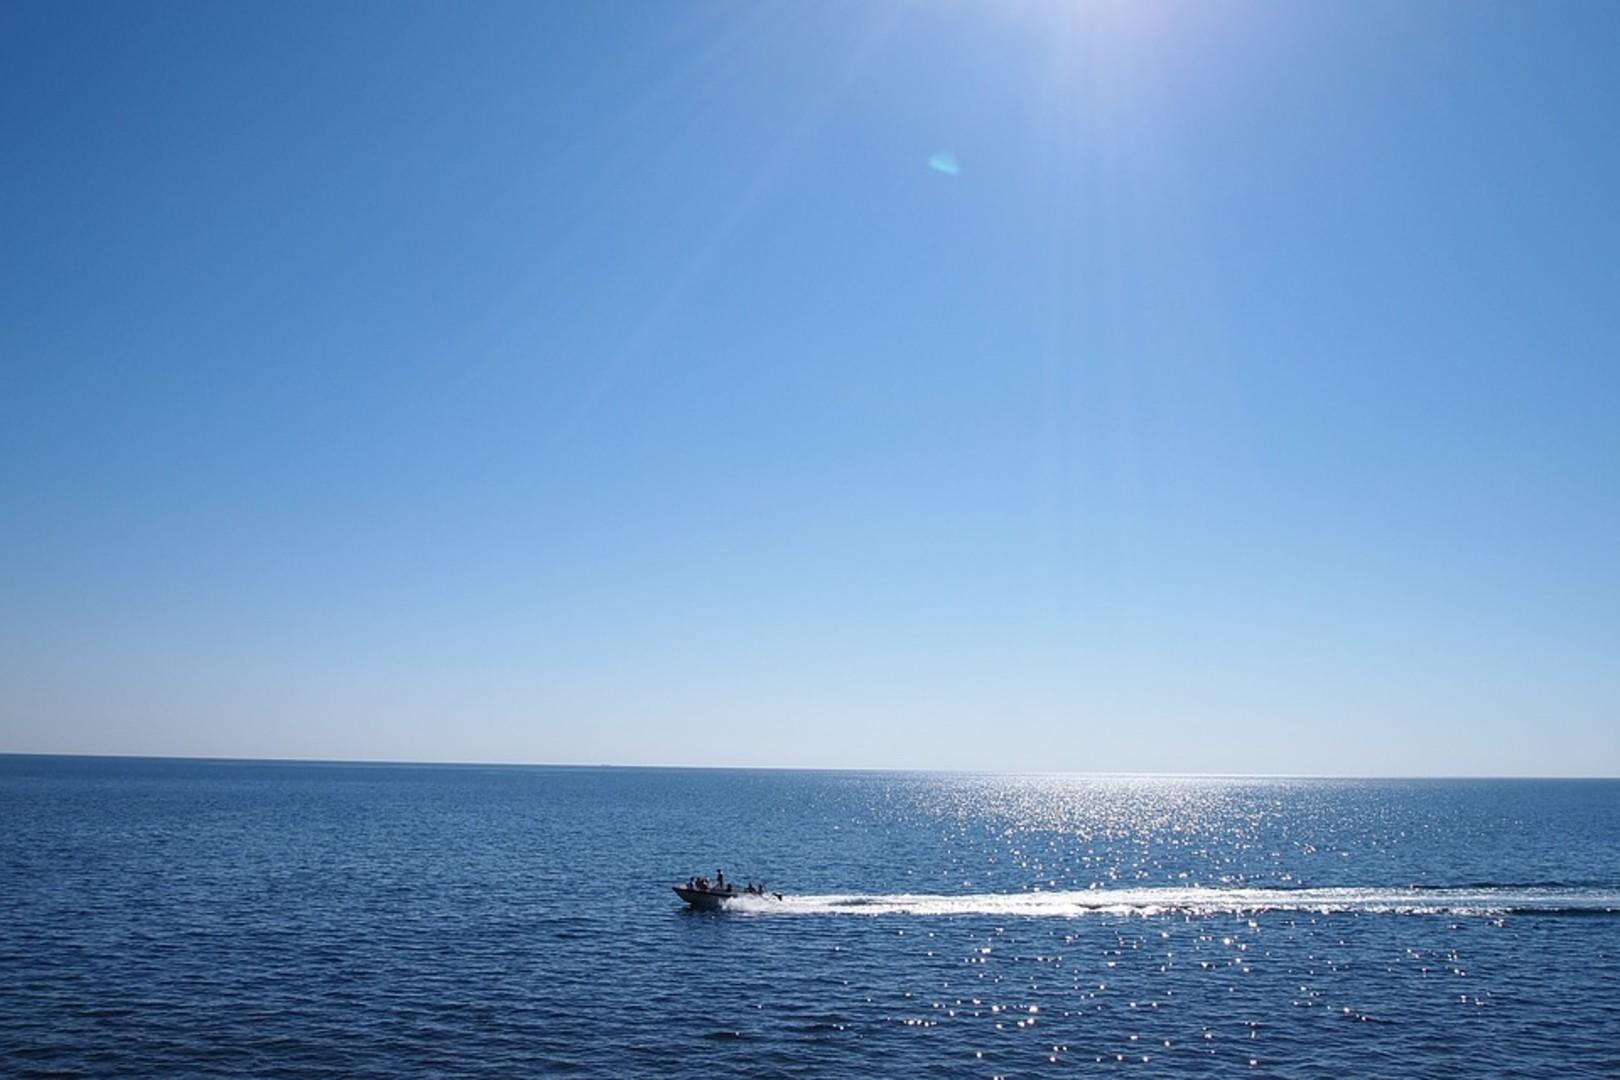 black-sea-1328876_960_720.jpg